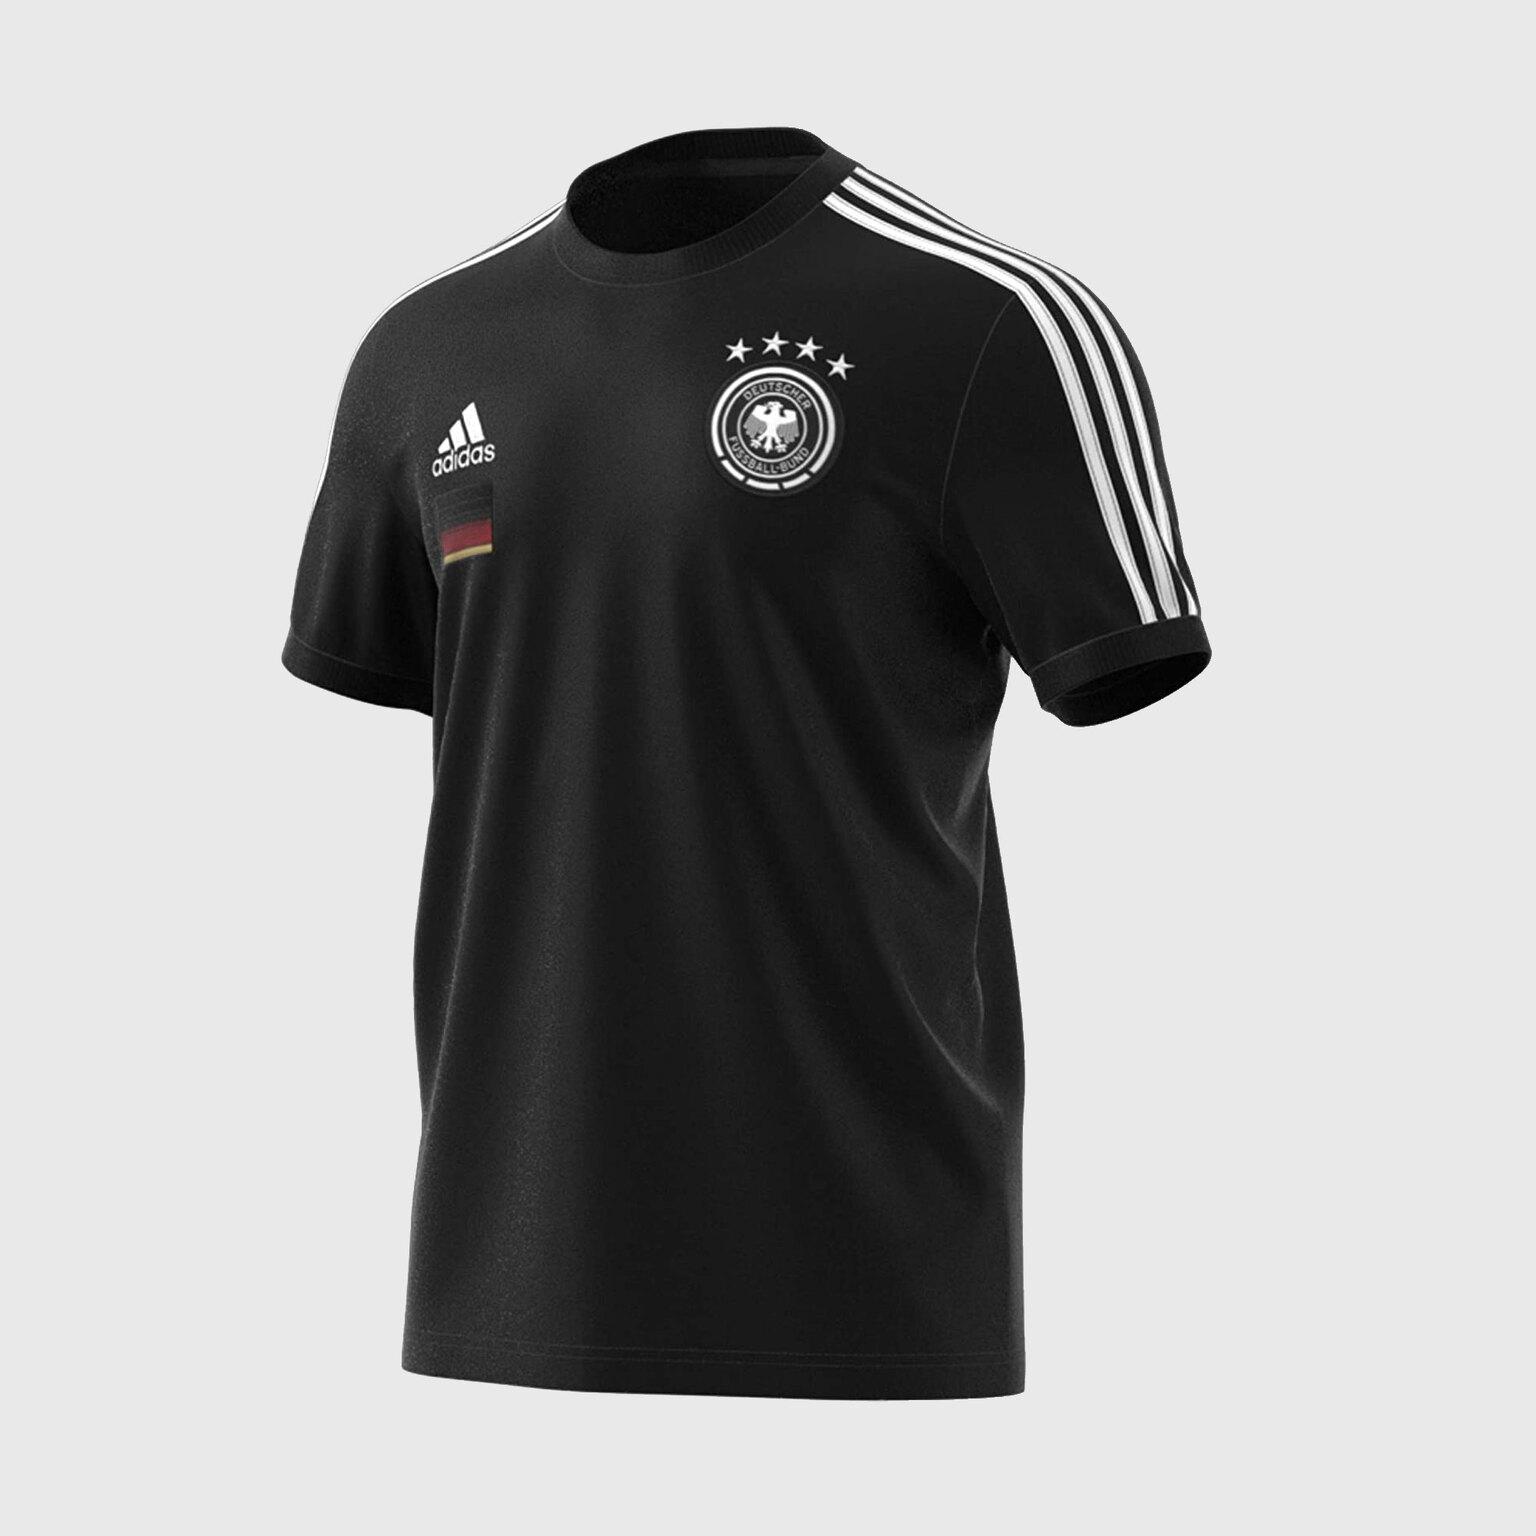 Футболка хлопковая Adidas сборной Германии FI1461